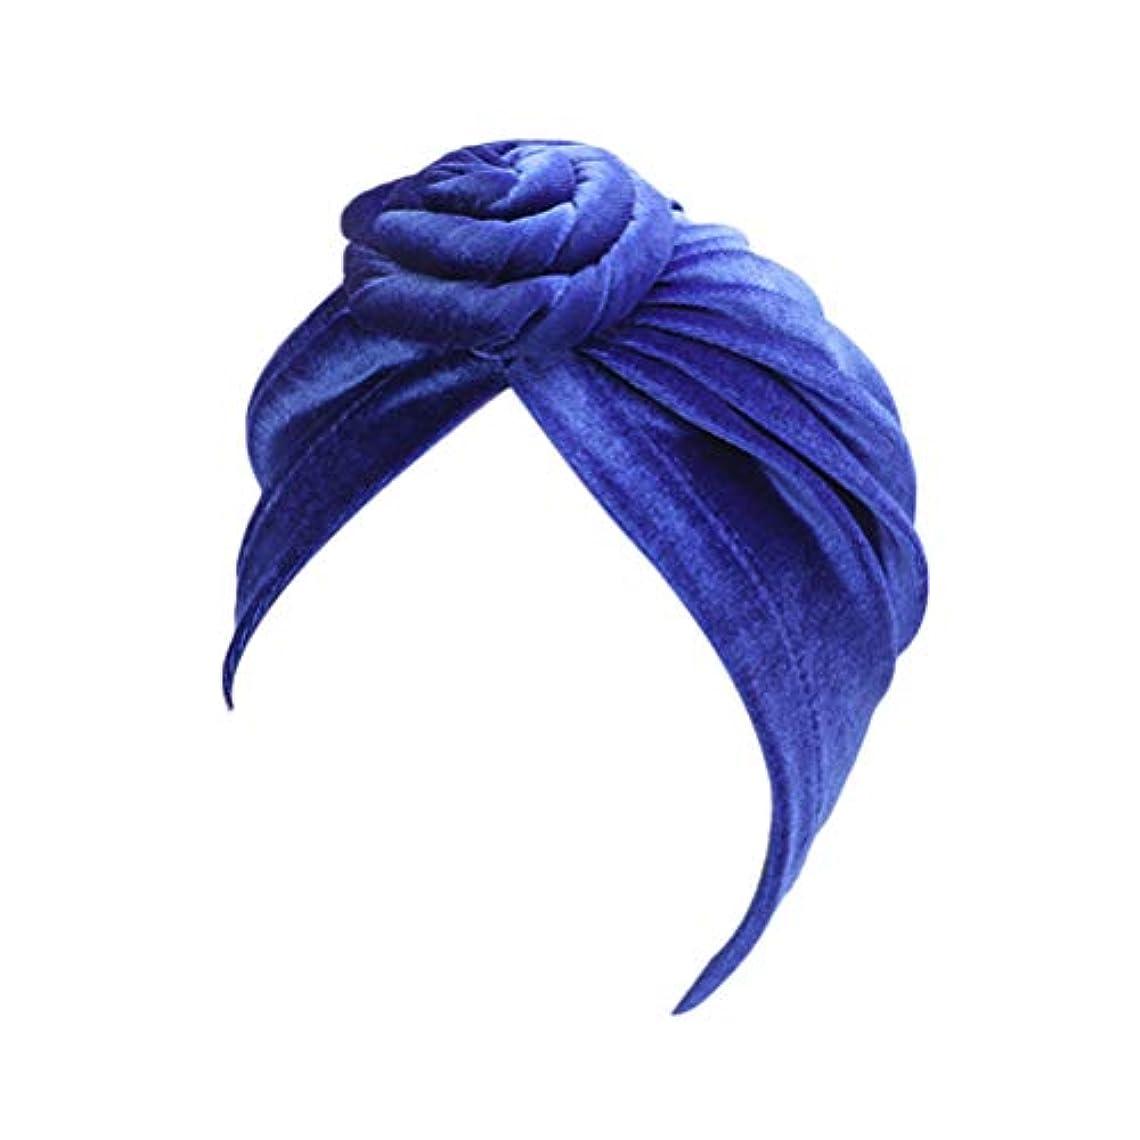 タオル包帯報酬Healifty 睡眠ナイトキャップ花装飾ワイドバンドボンネットナイトヘッドカバーソフトヘアターバン女性用ヘアビューティーケアキャップ(ブルー)